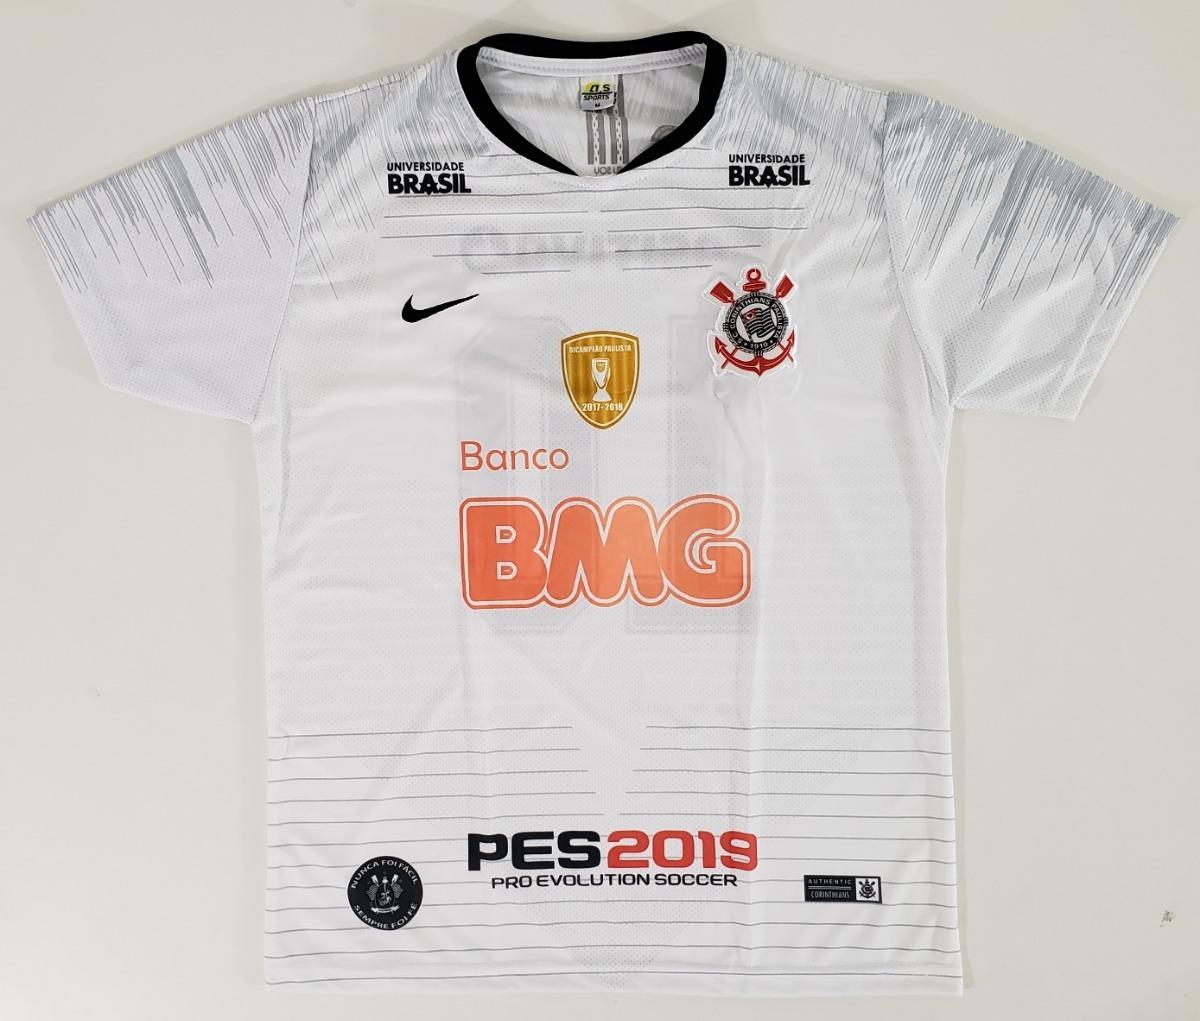 Pacote Com 10 Camisas De Time Futebol Revenda - Raynstore® - R  189 ... 1cee2ed214d23